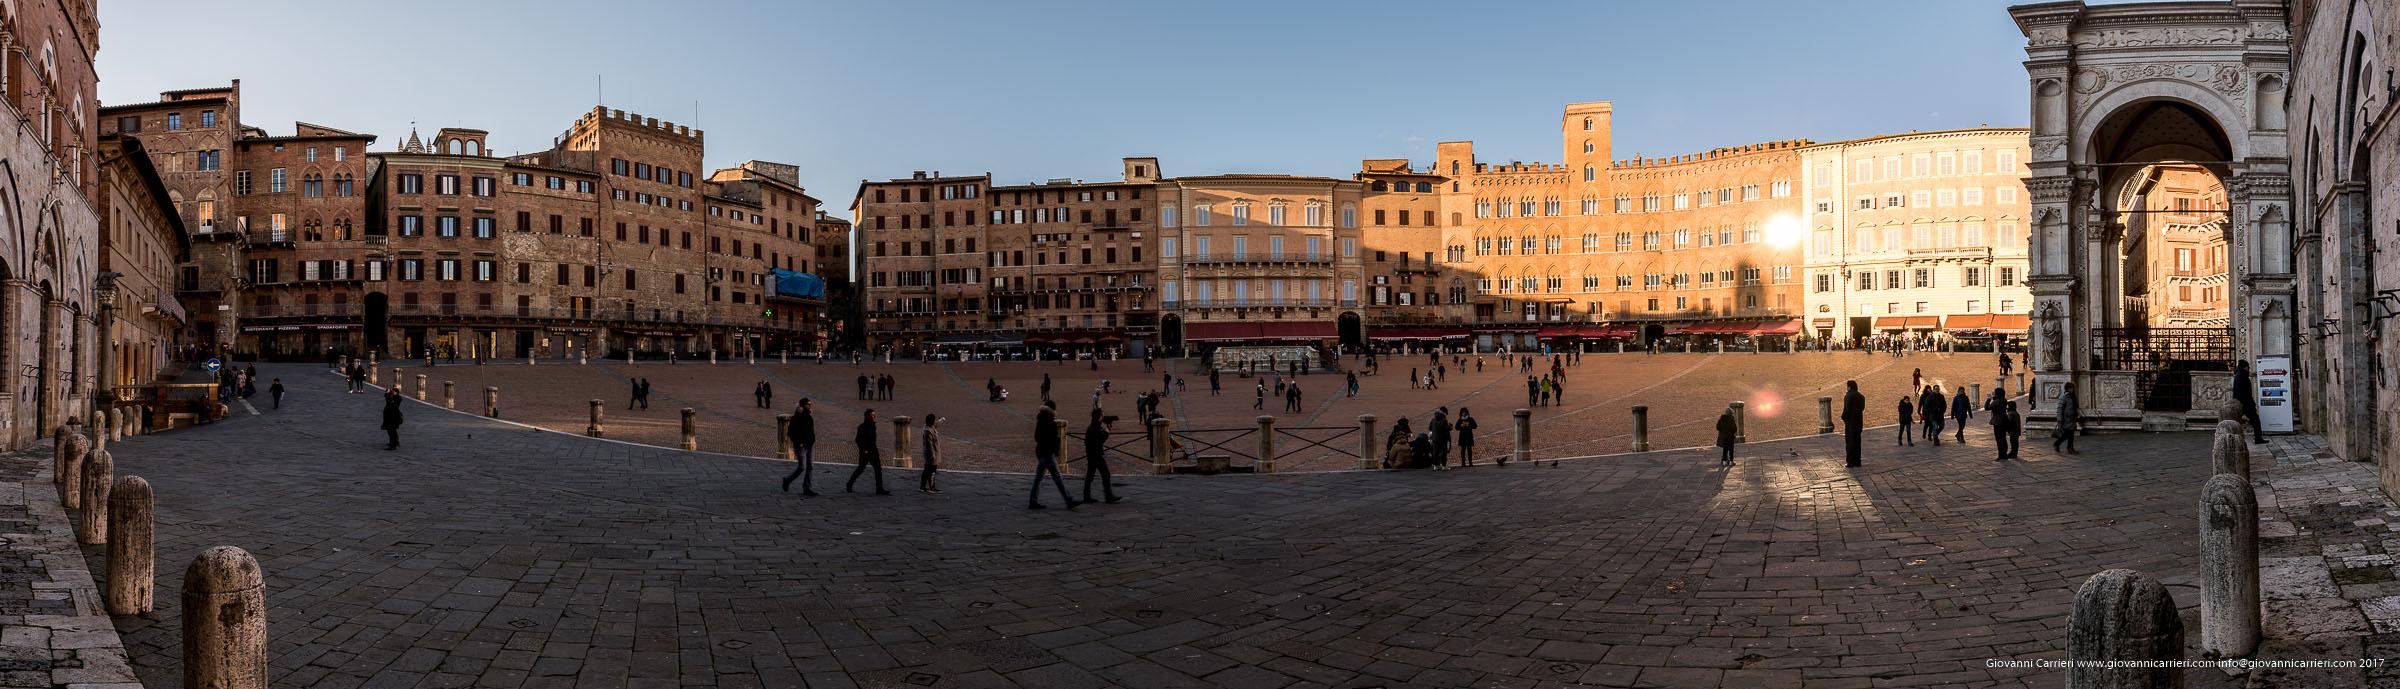 Panoramica di Piazza del Campo